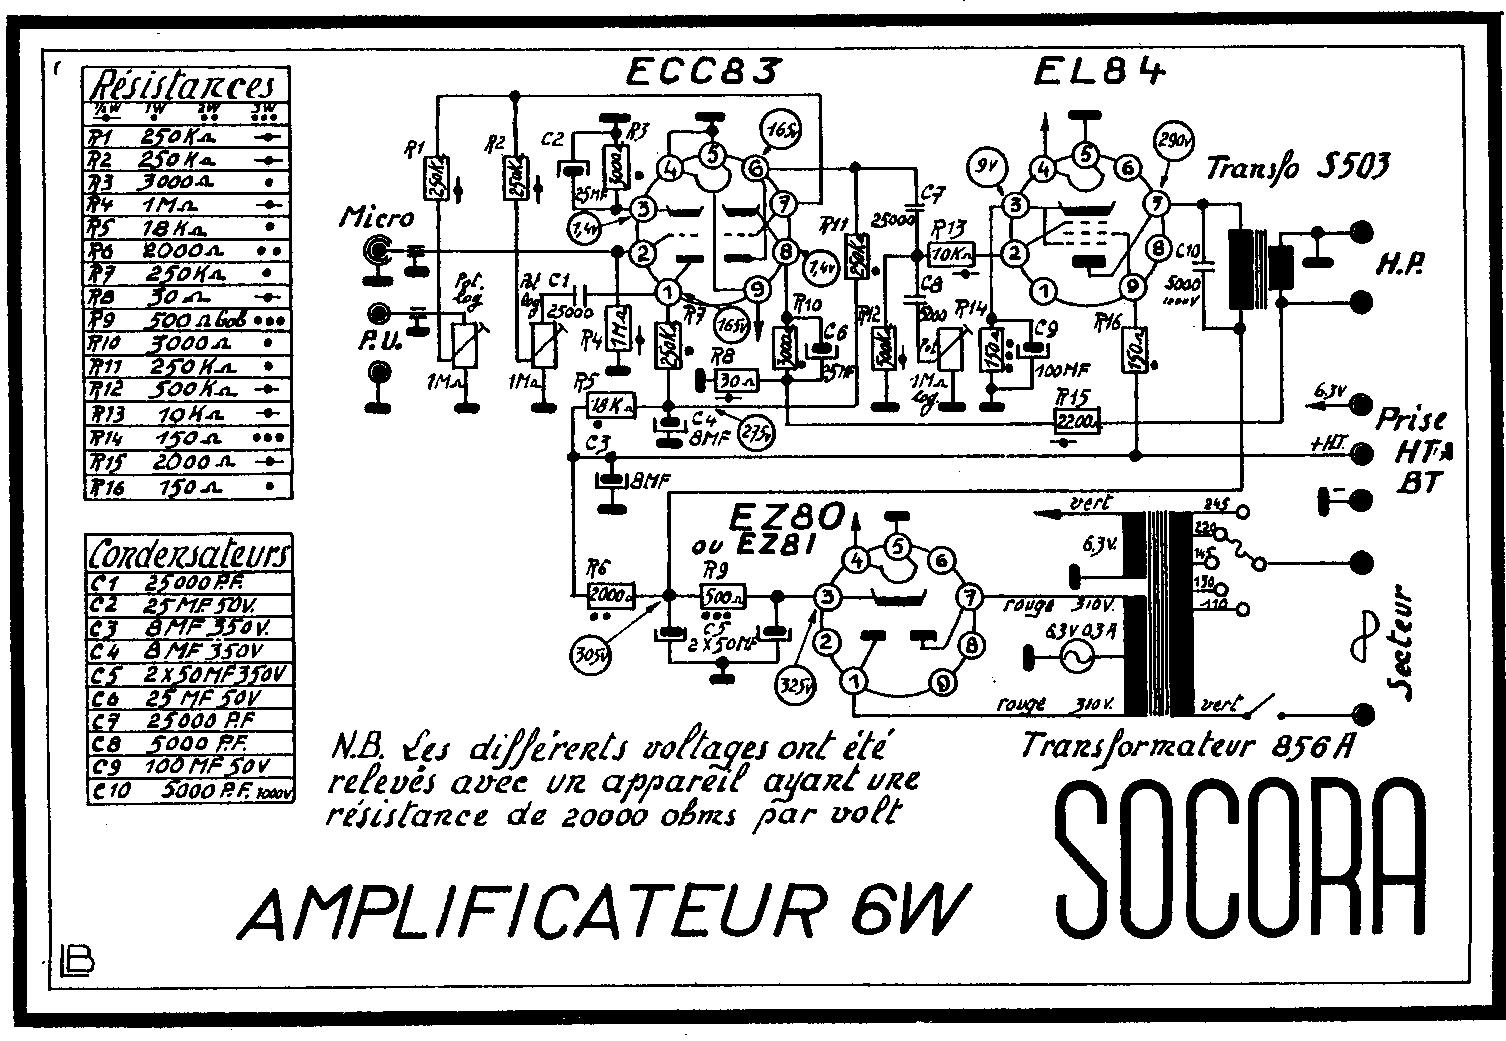 Sch6w 57